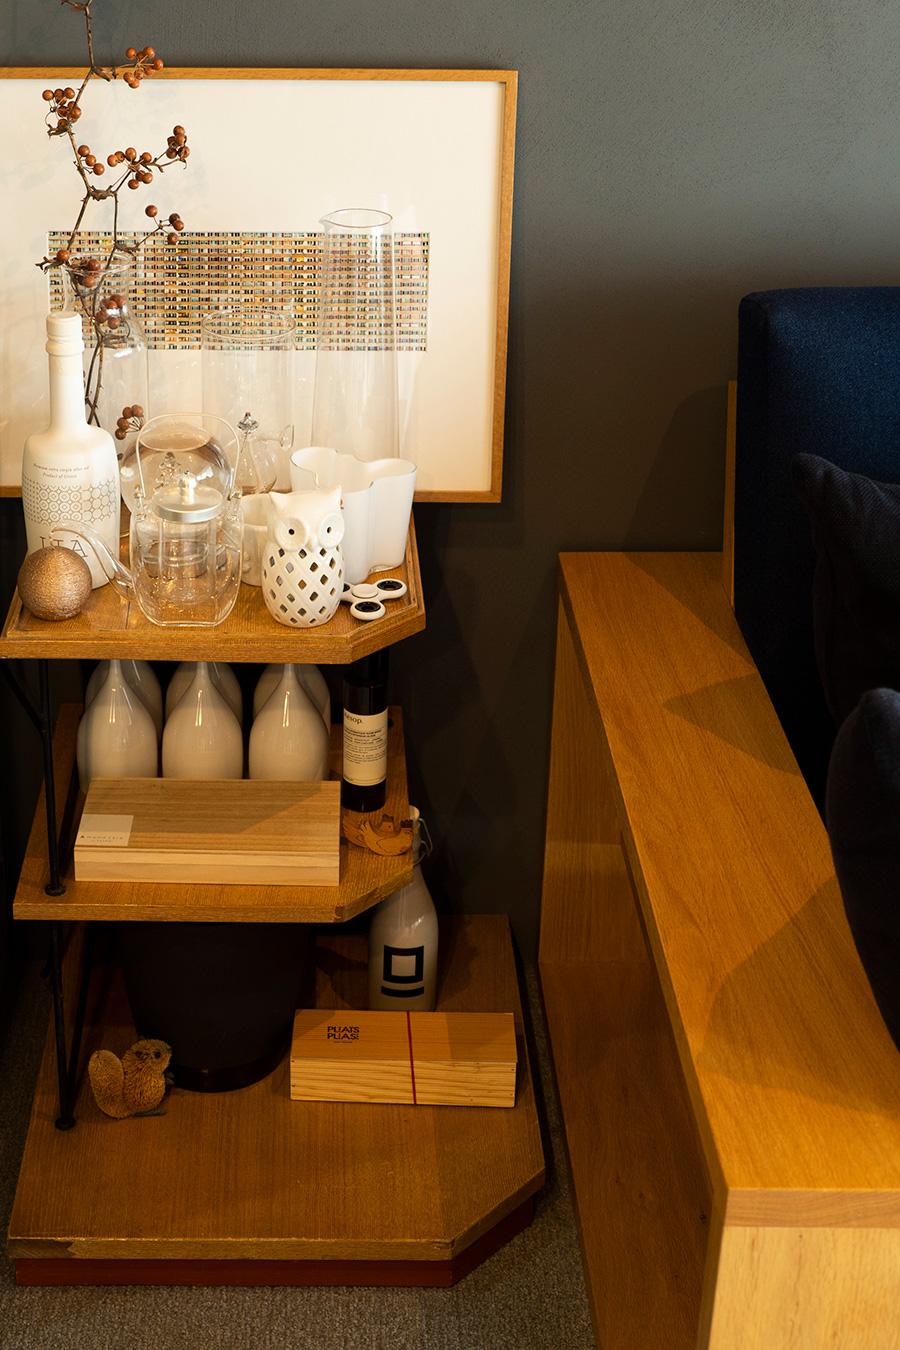 昭和を代表する名建築家・村野藤吾デザインの古い家具を。